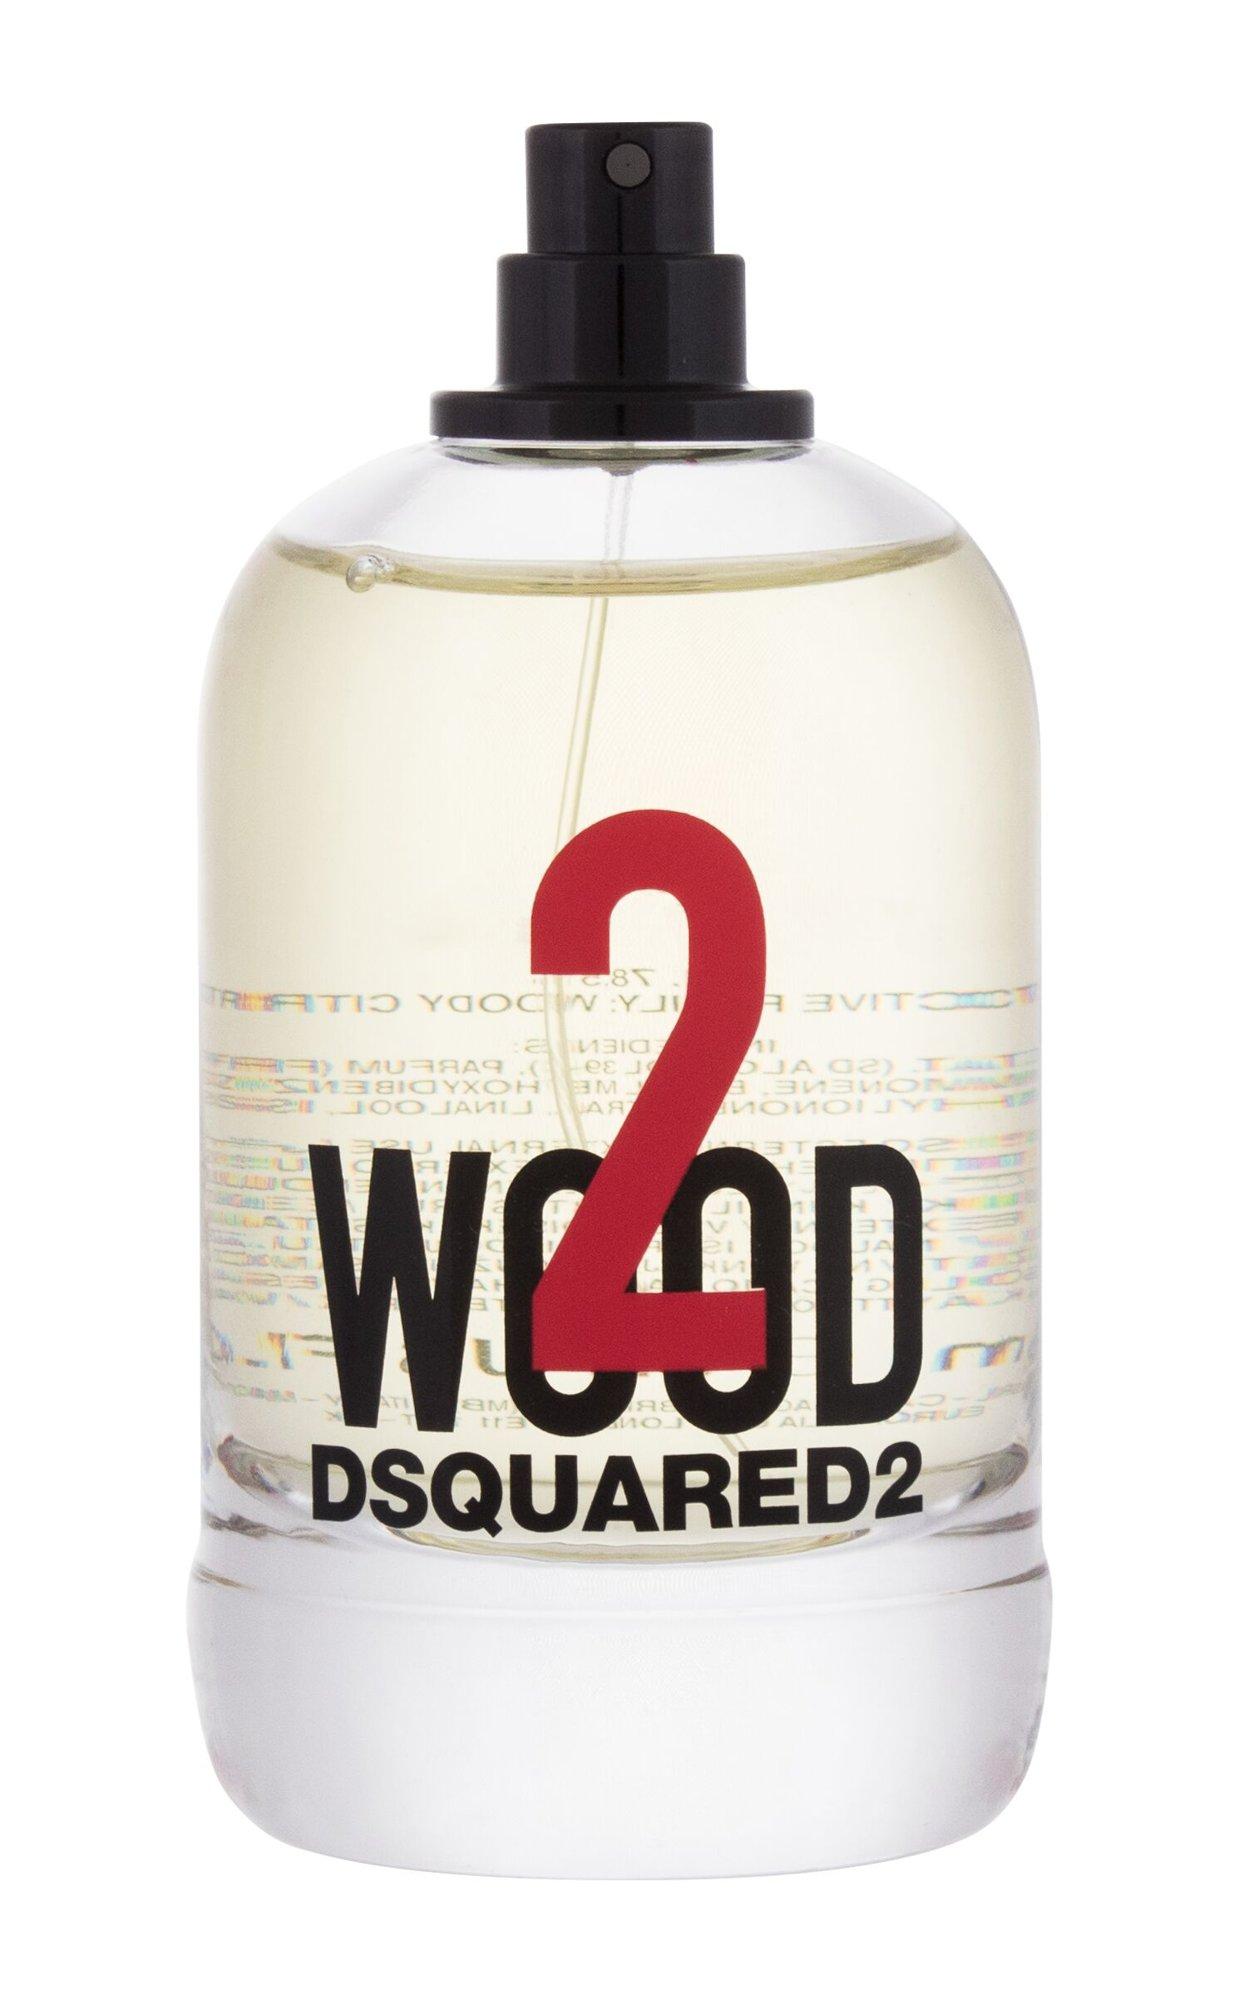 Dsquared2 2 Wood, vzorka vône